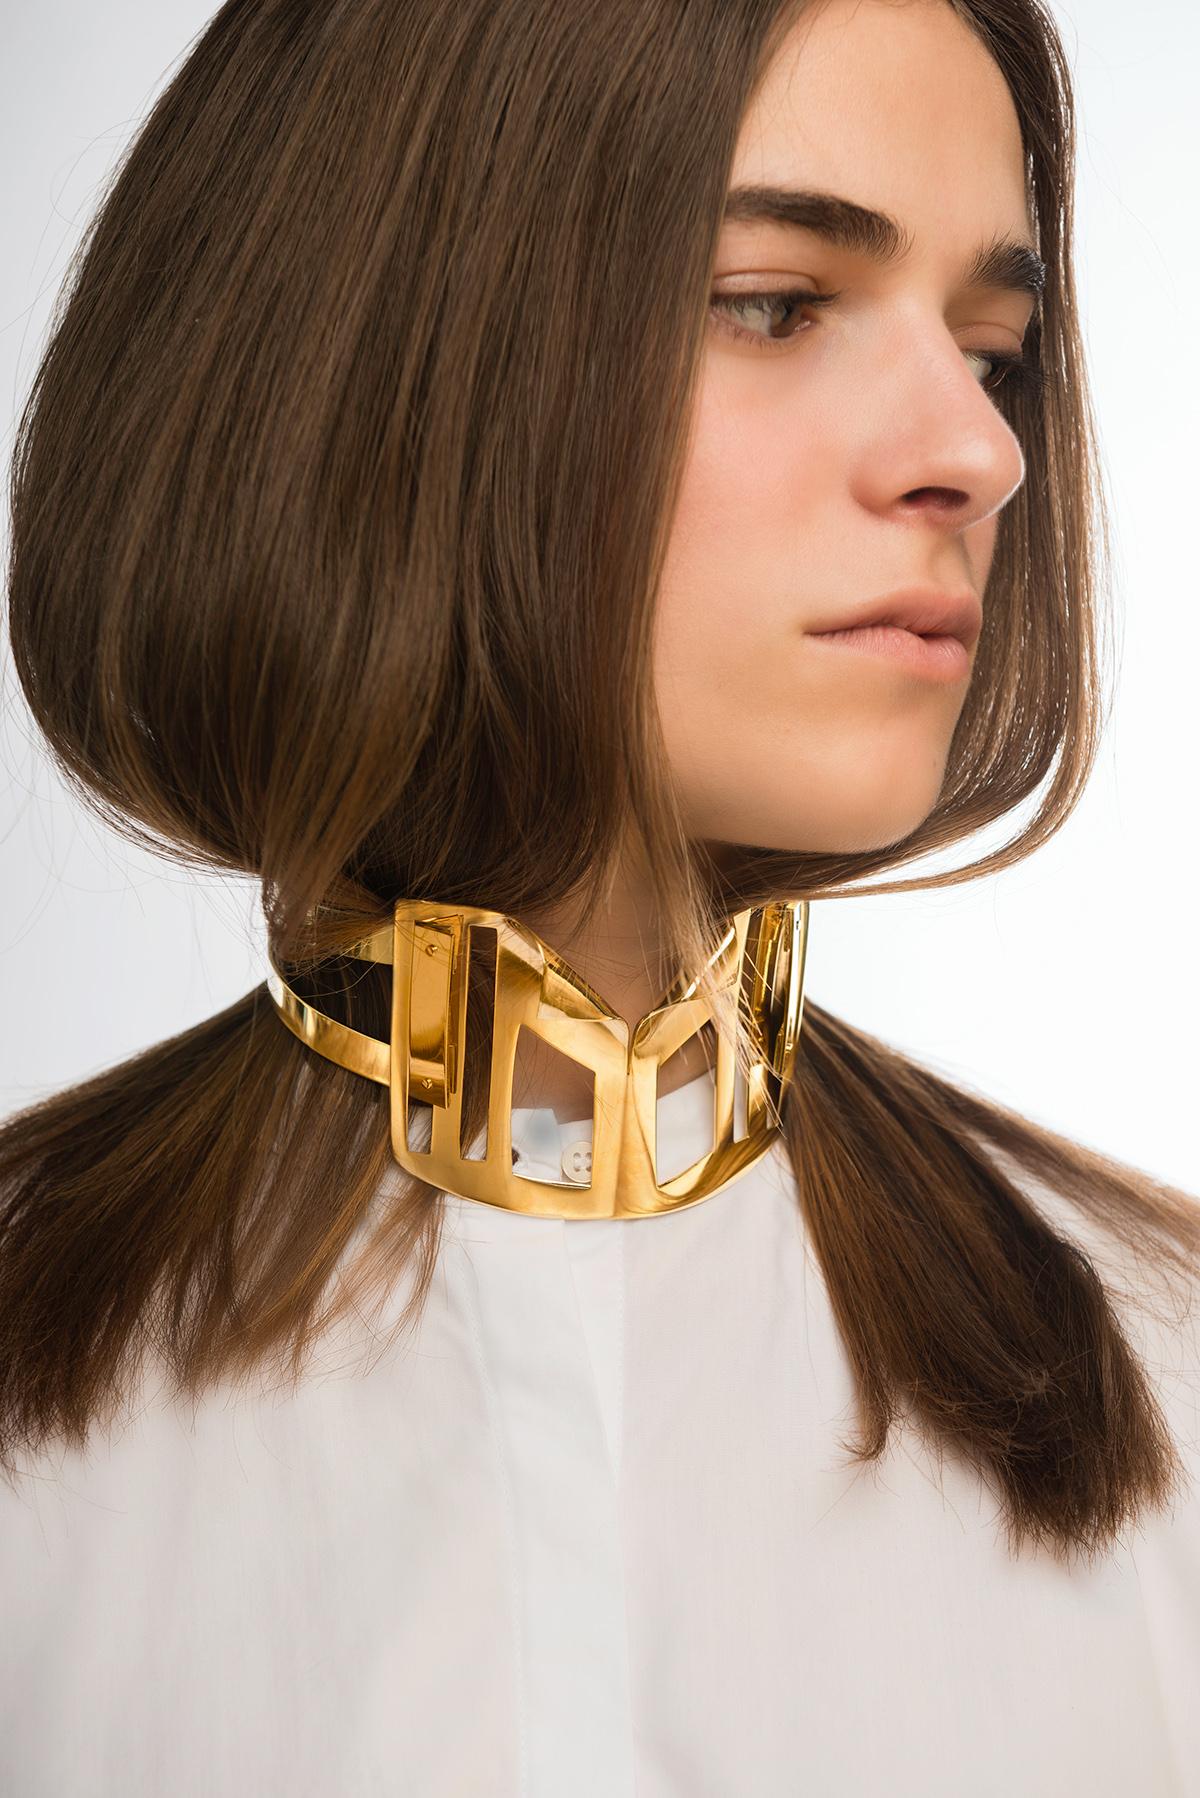 Collar Choker. on Behance